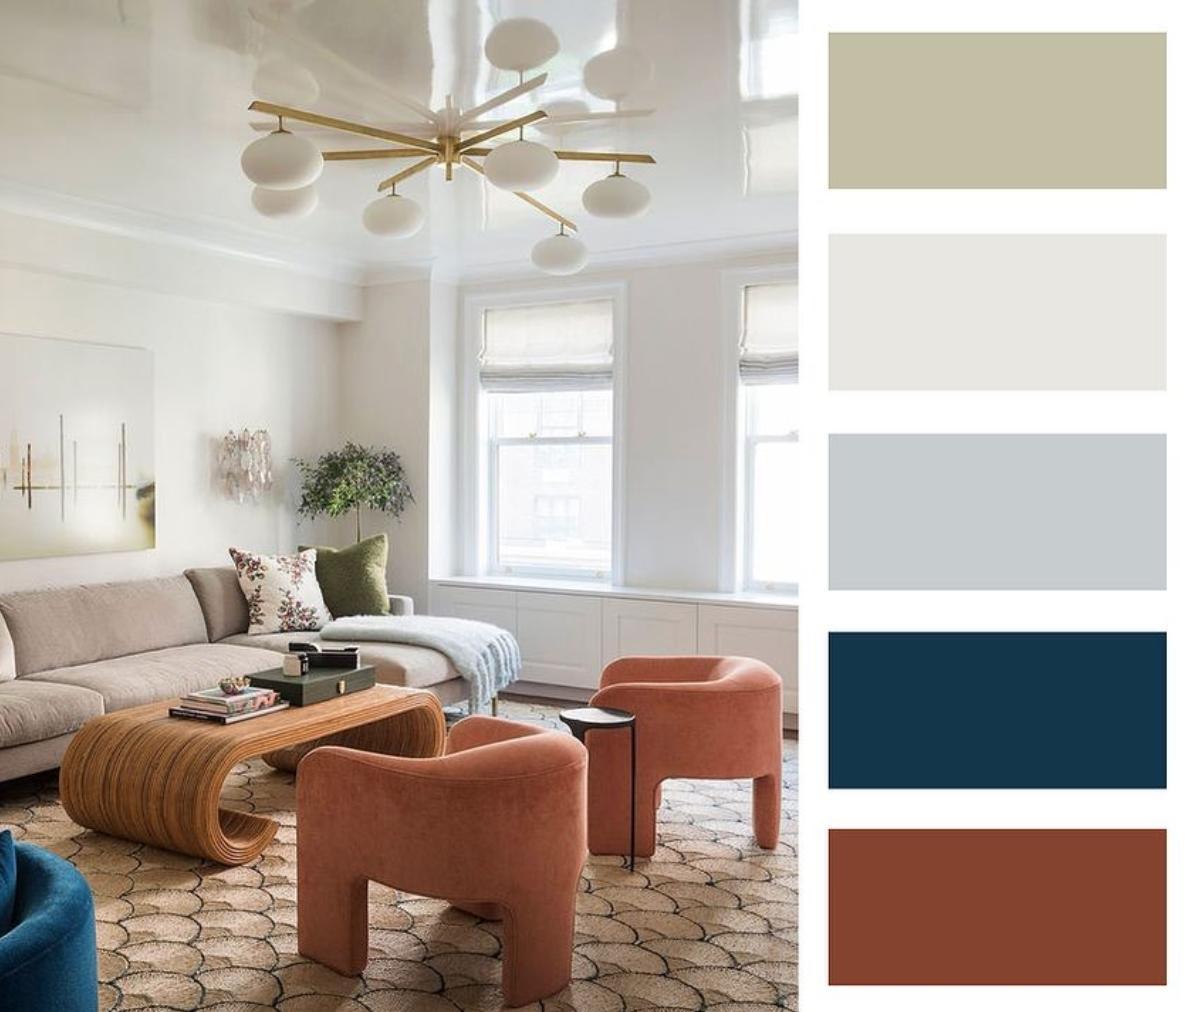 Farebné kombinácie - inšpirácie do interiéru - Obrázok č. 75